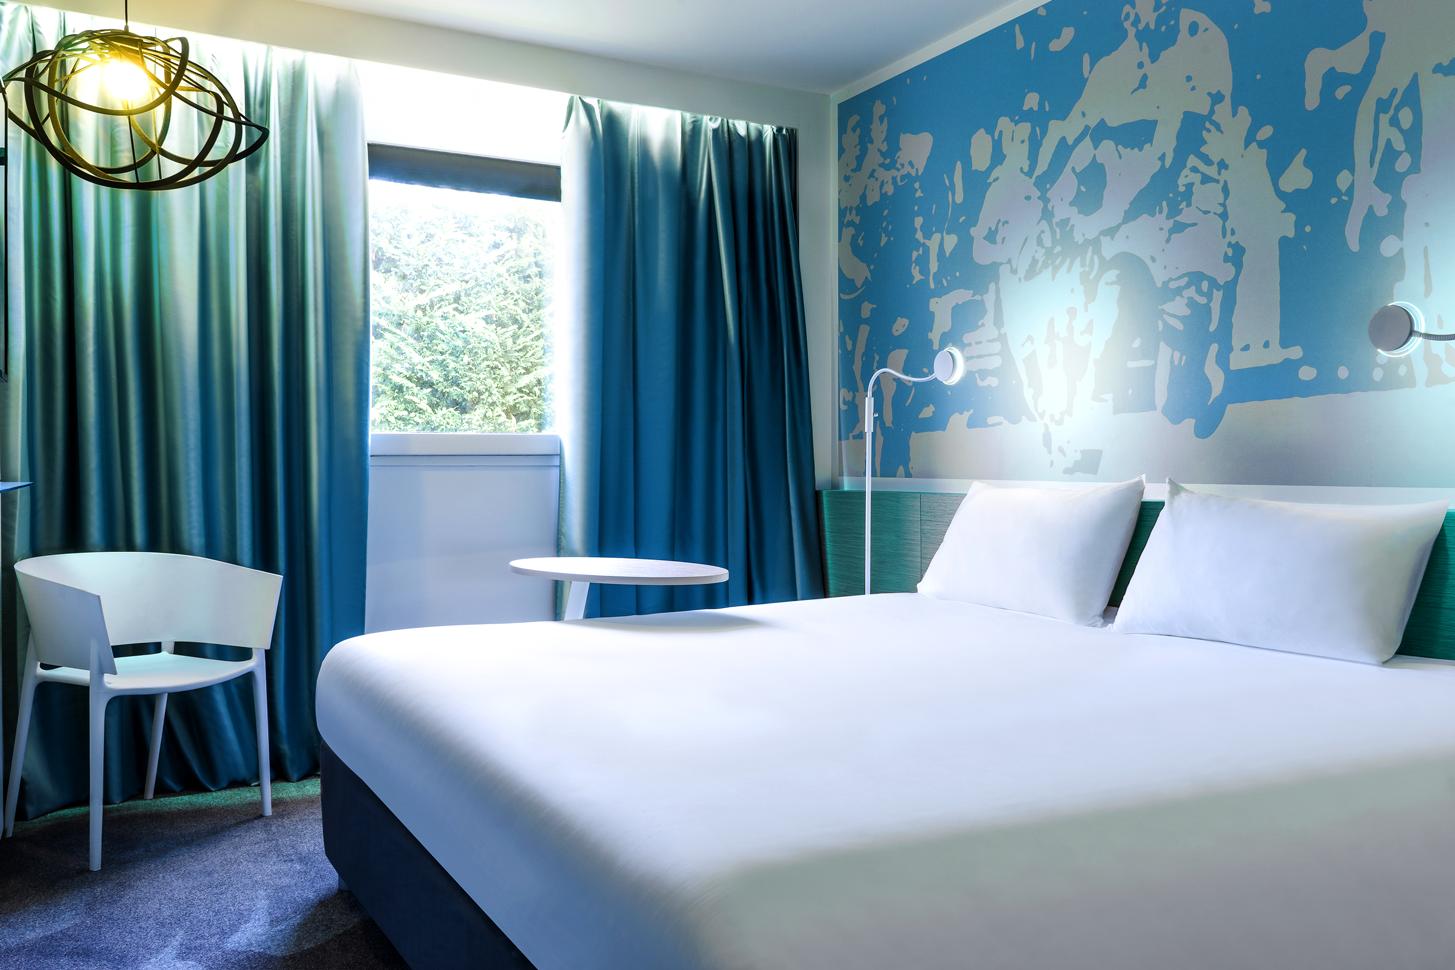 Une Ambiance Bleue Zen Place A La Serenite Dans La Chambre A L Ibis Styles Ouistreham Blue Rooms Budget Hotel Hotel